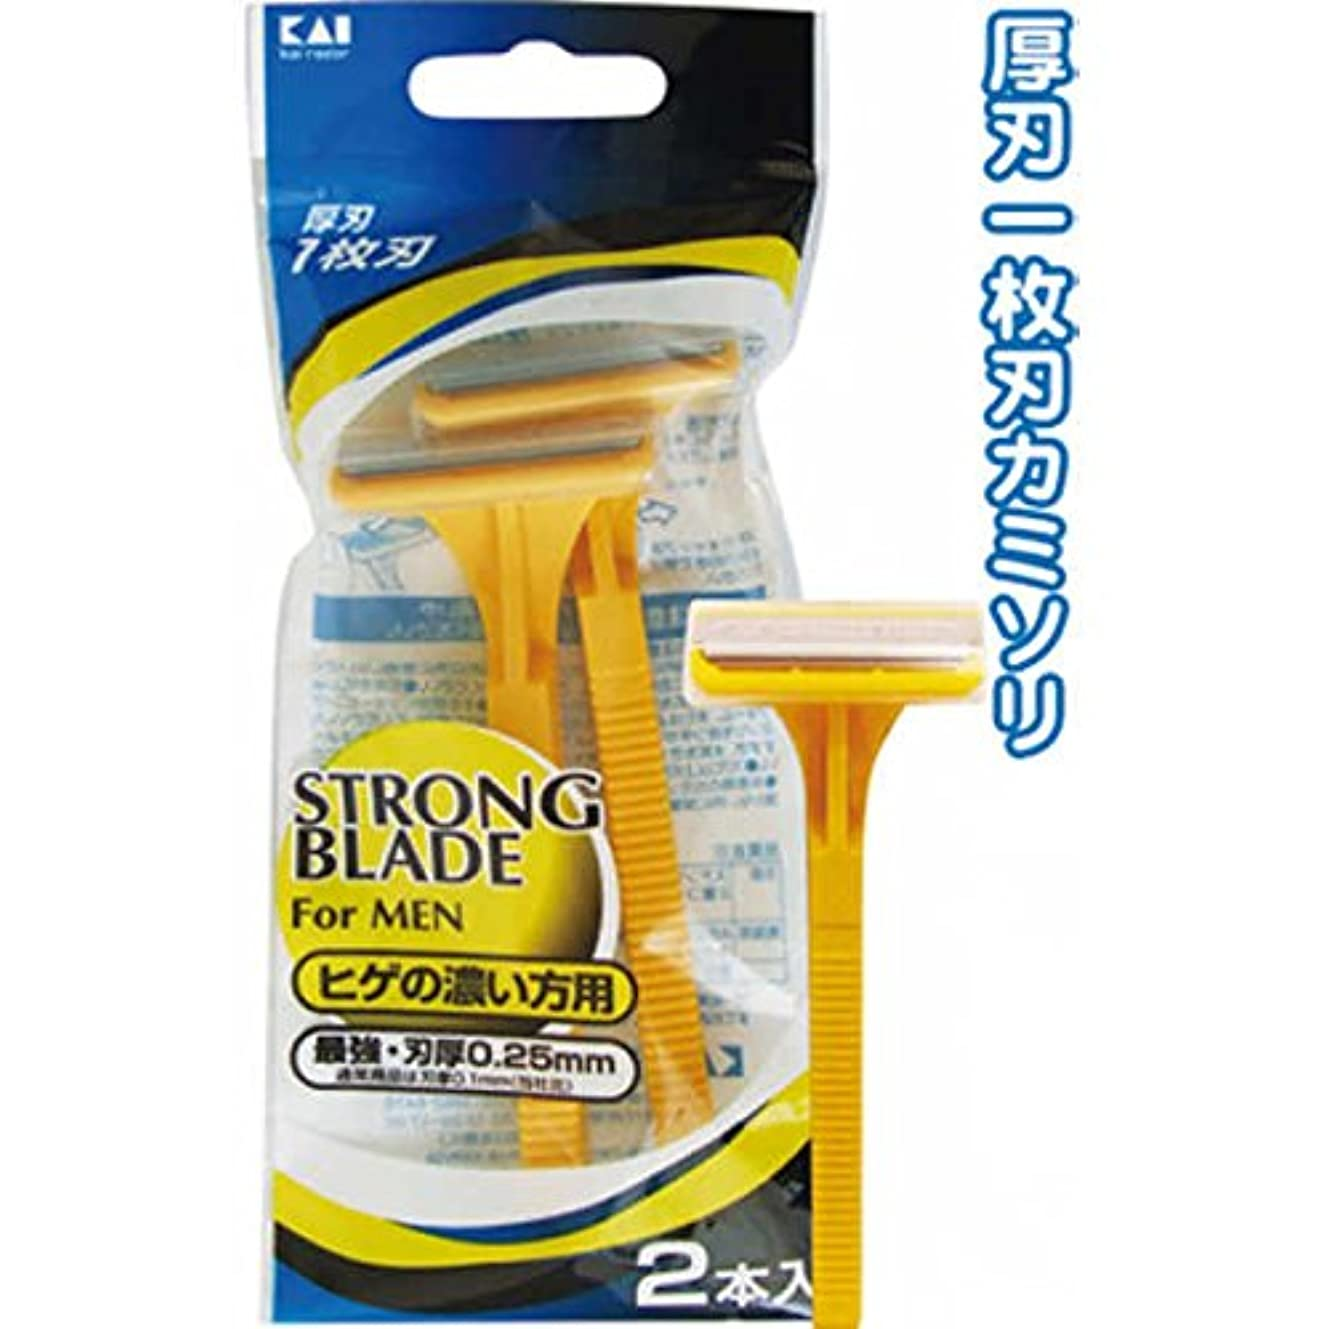 貝印 最強厚刃カミソリ2本入 012524 【まとめ買い10個セット】 21-061